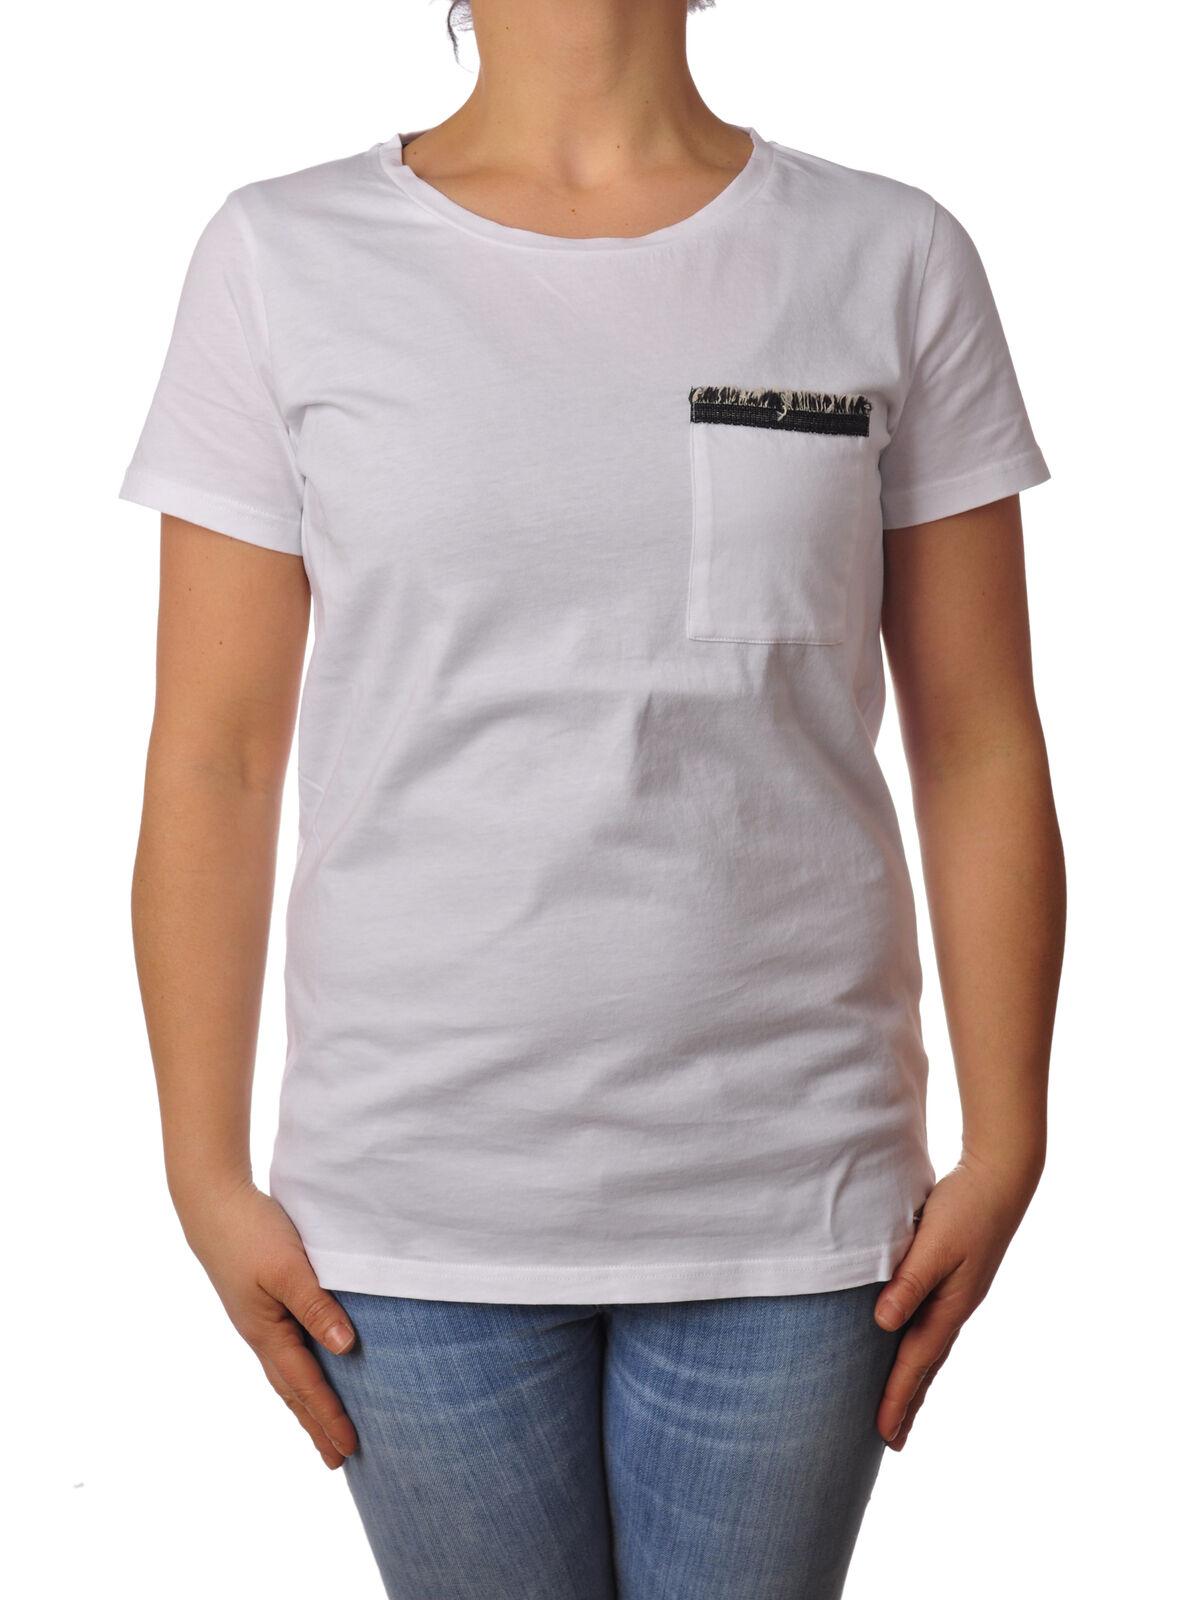 Woolrich - Topwear-T-shirts - Frau - Weiß - 4982715G180821